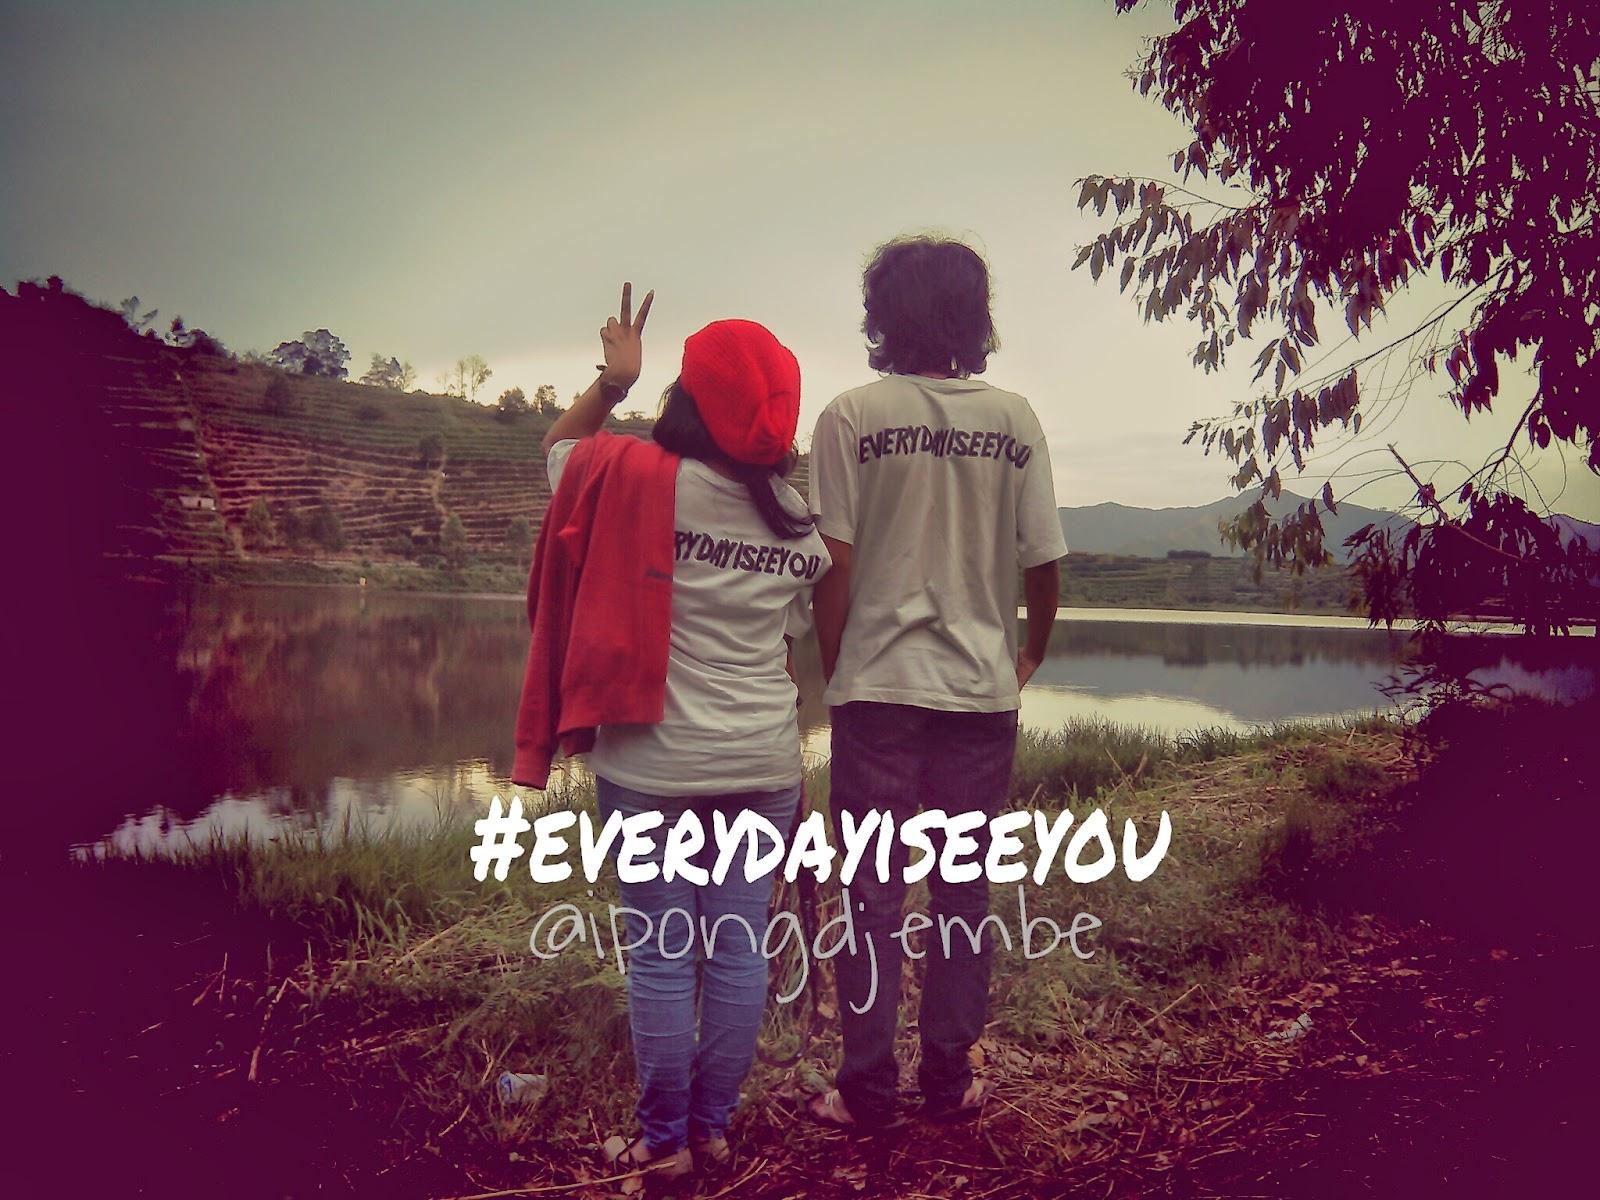 everydayiseeyou